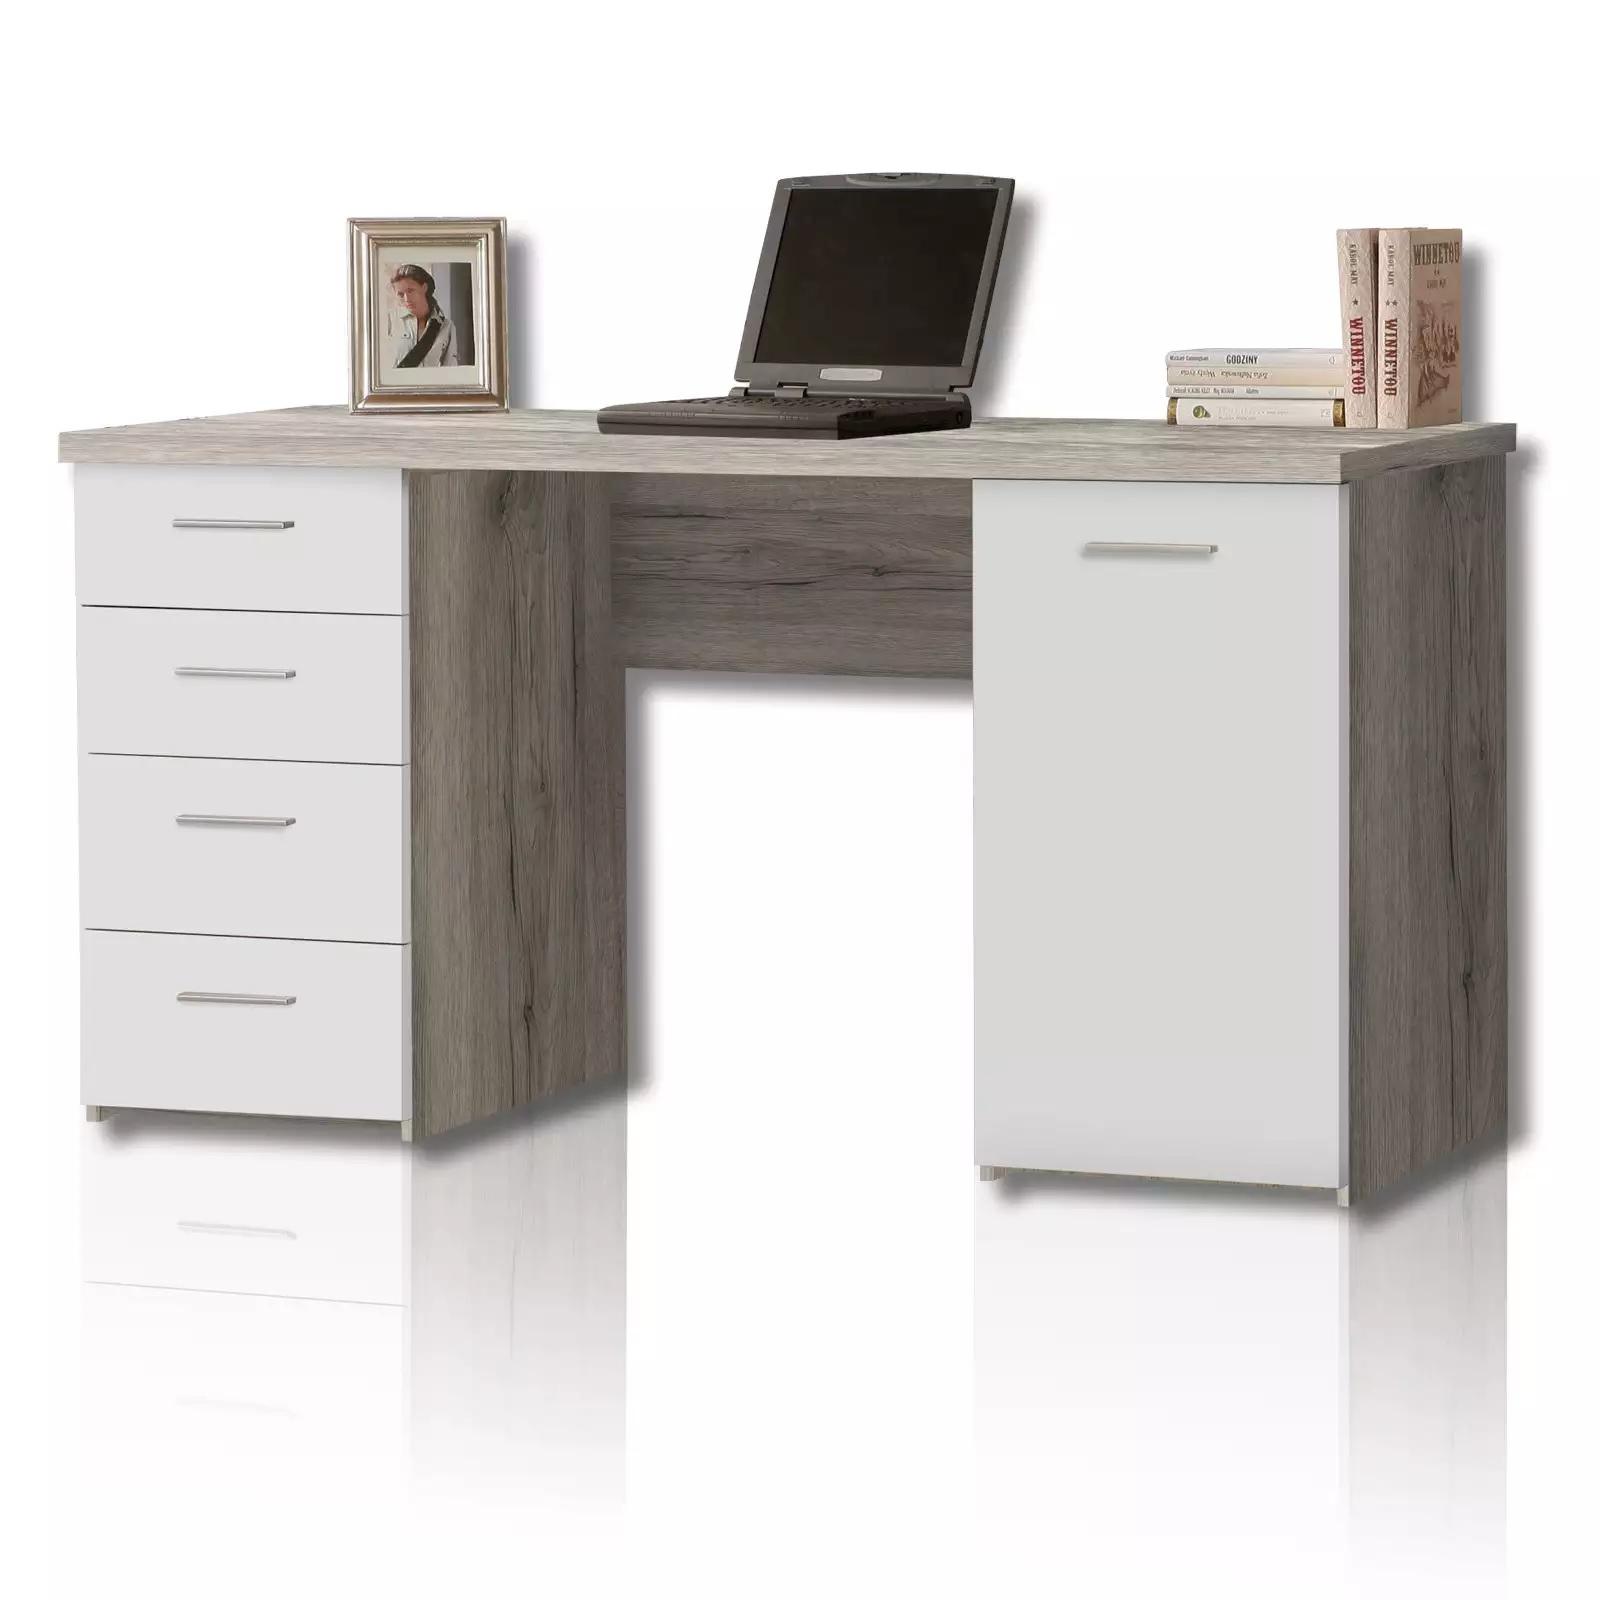 16 sparen schreibtisch net 145 cm breit nur 99 99 cherry m bel roller. Black Bedroom Furniture Sets. Home Design Ideas